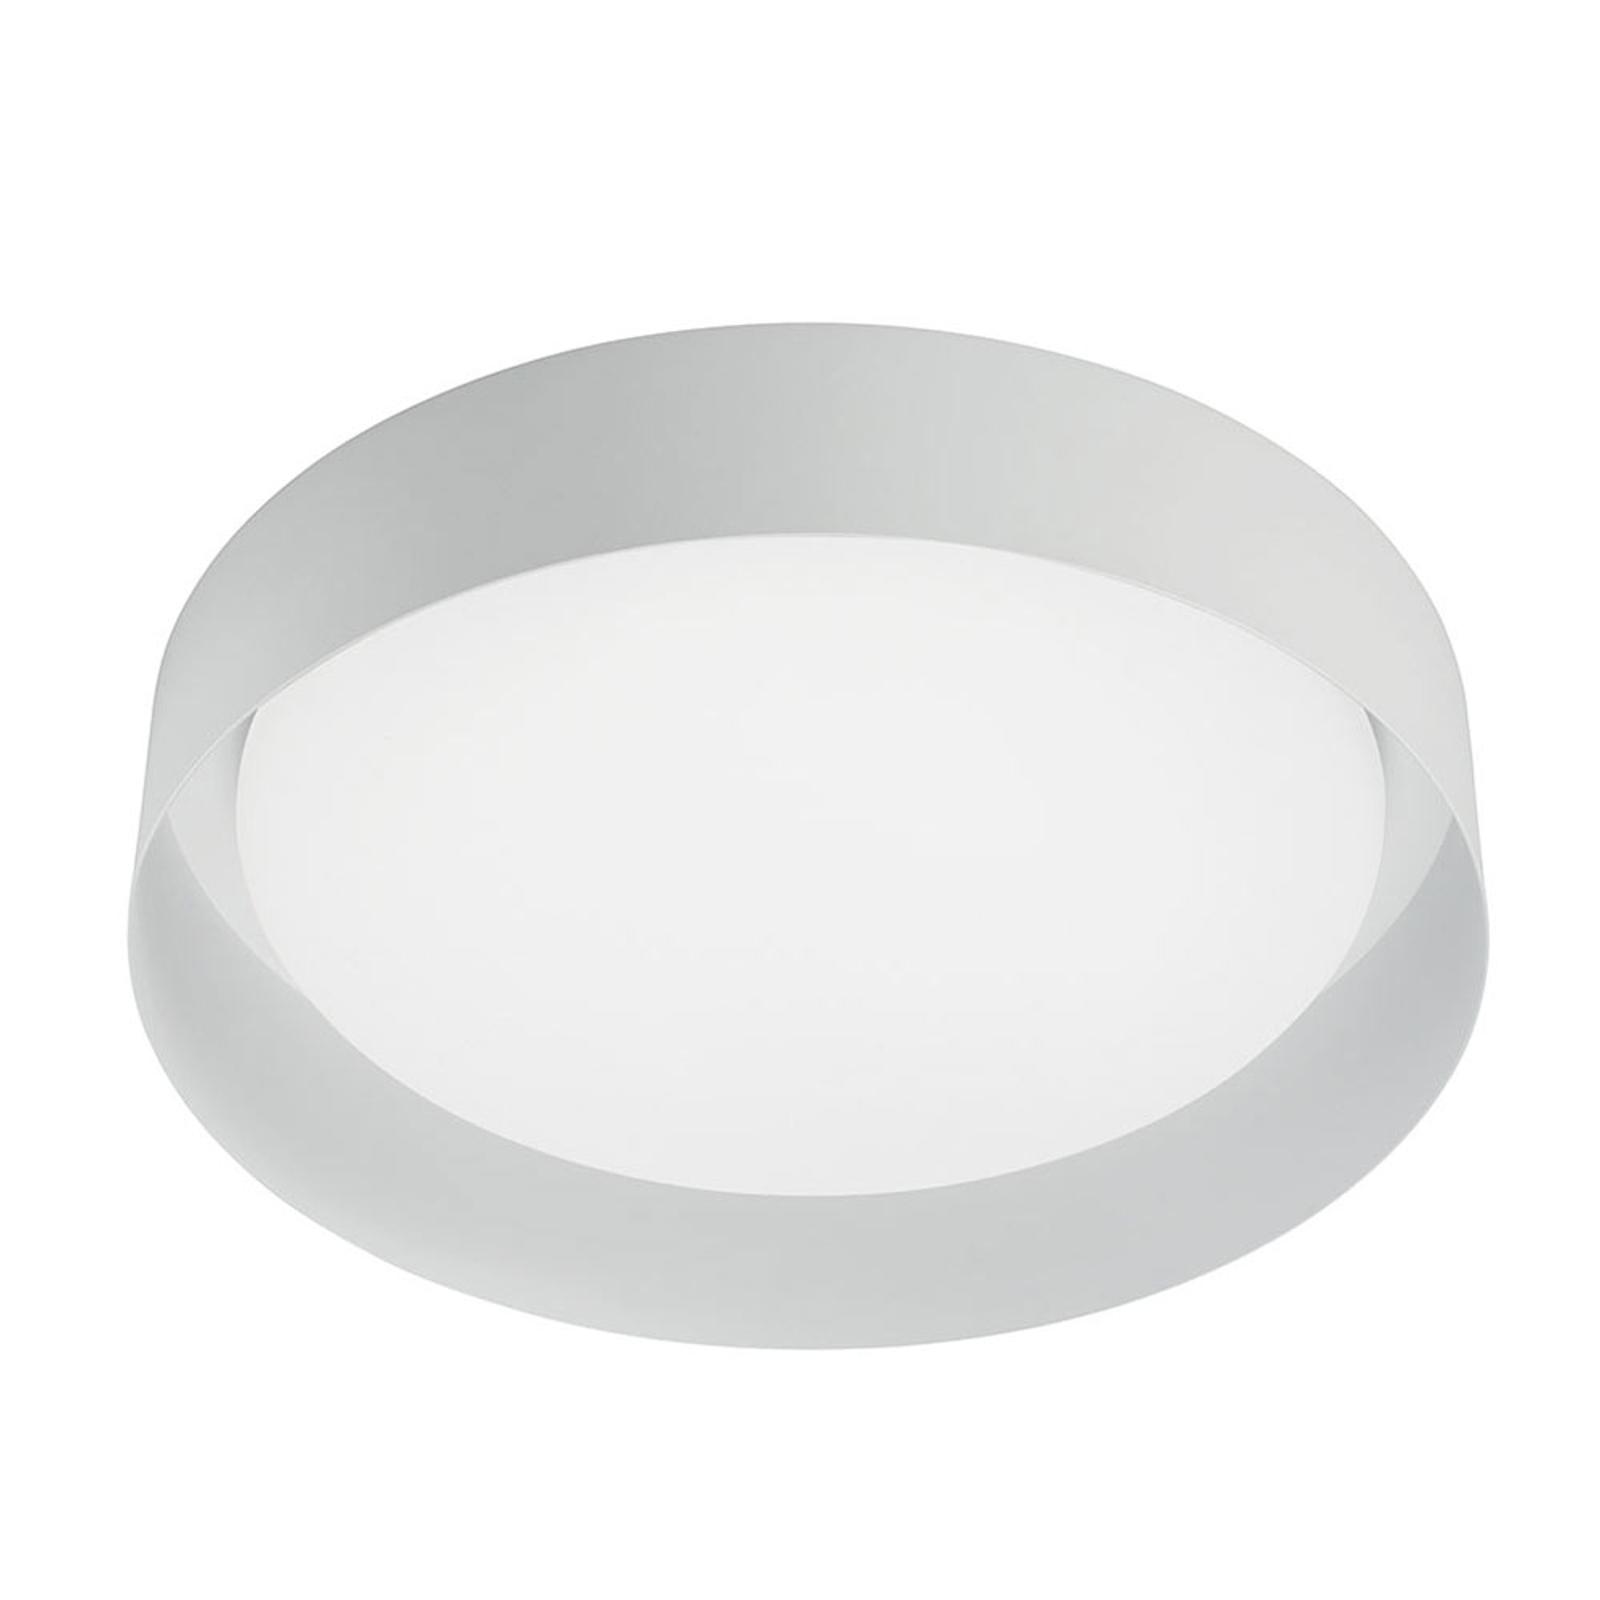 LED-Deckenleuchte Crew 2, Ø 26 cm, weiß